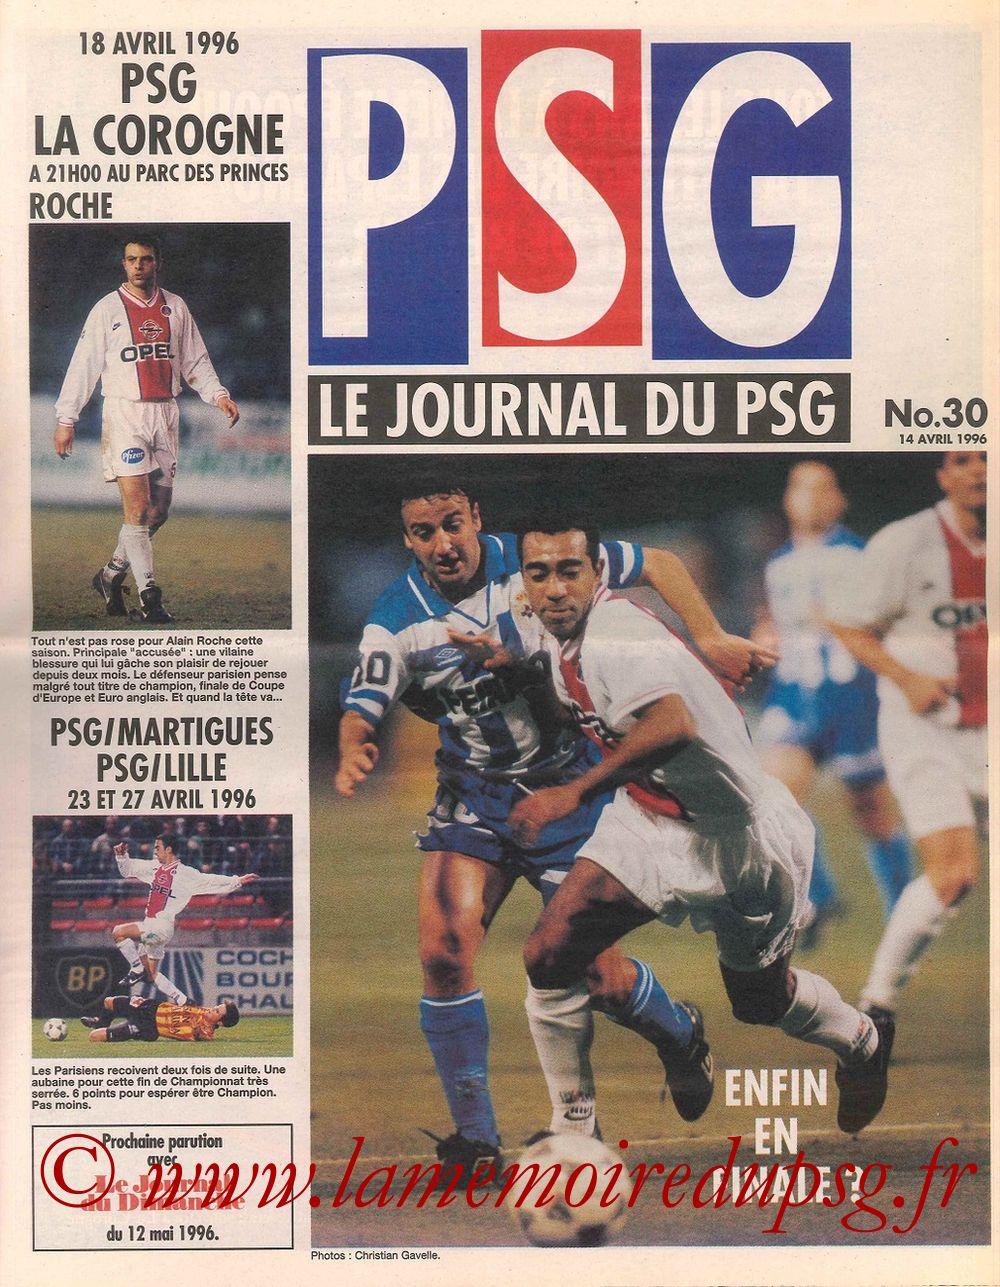 1996-04-23  PSG-Martigues (35ème D1, Le Journal du PSG N°30)